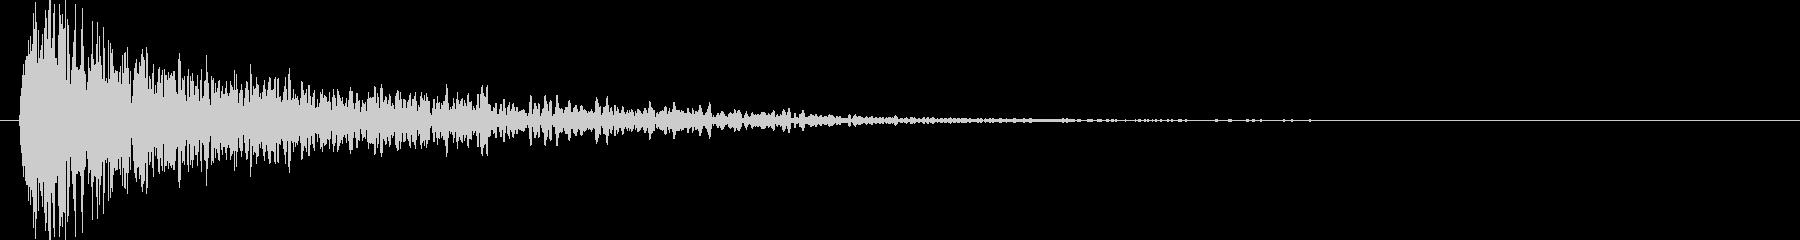 ロゴインパクトバンの未再生の波形